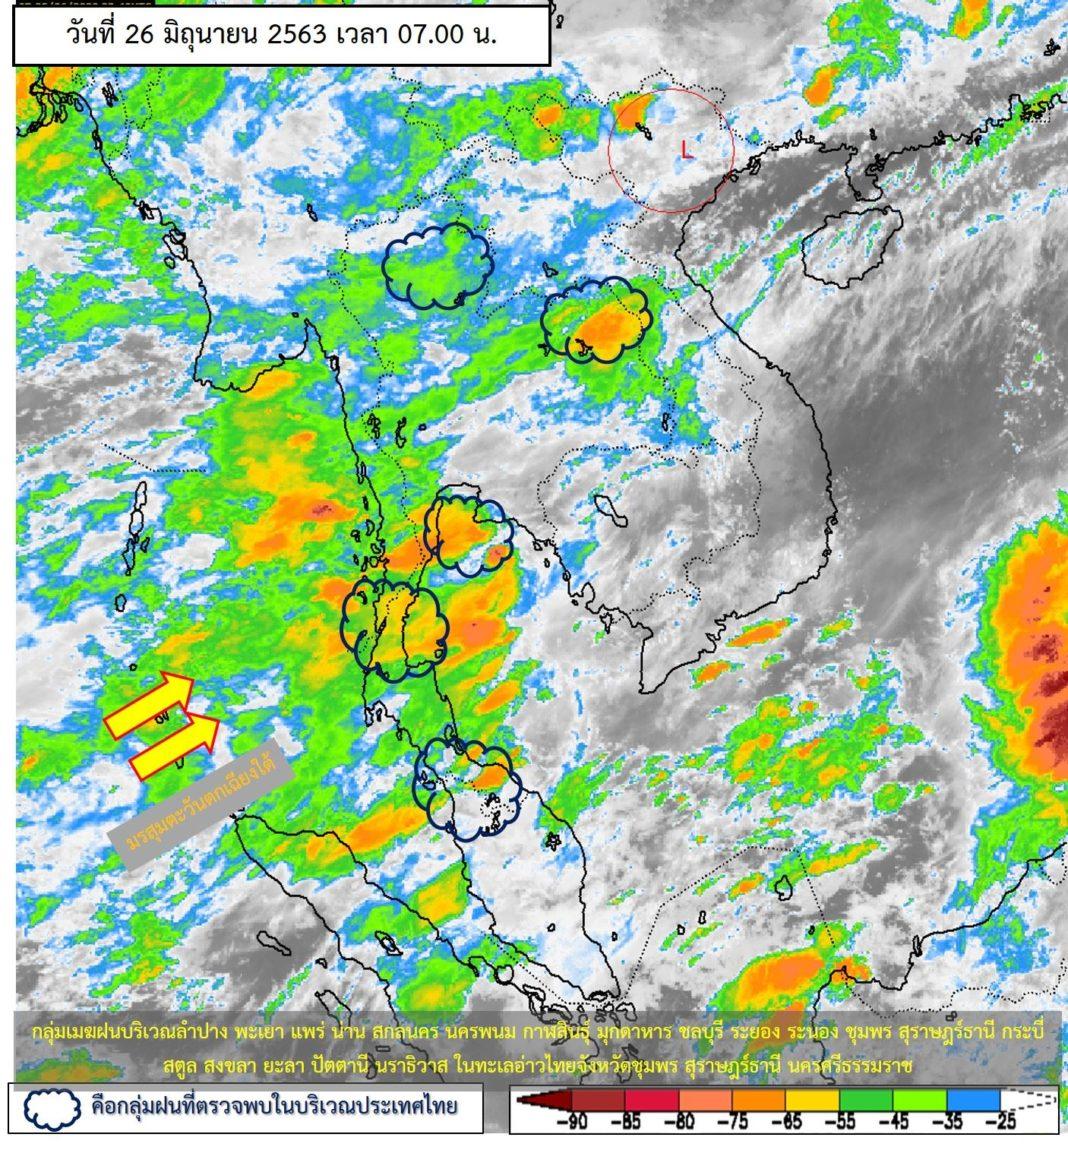 พยากรณ์อากาศประจำวันที่ 26 มิถุนายน 2563